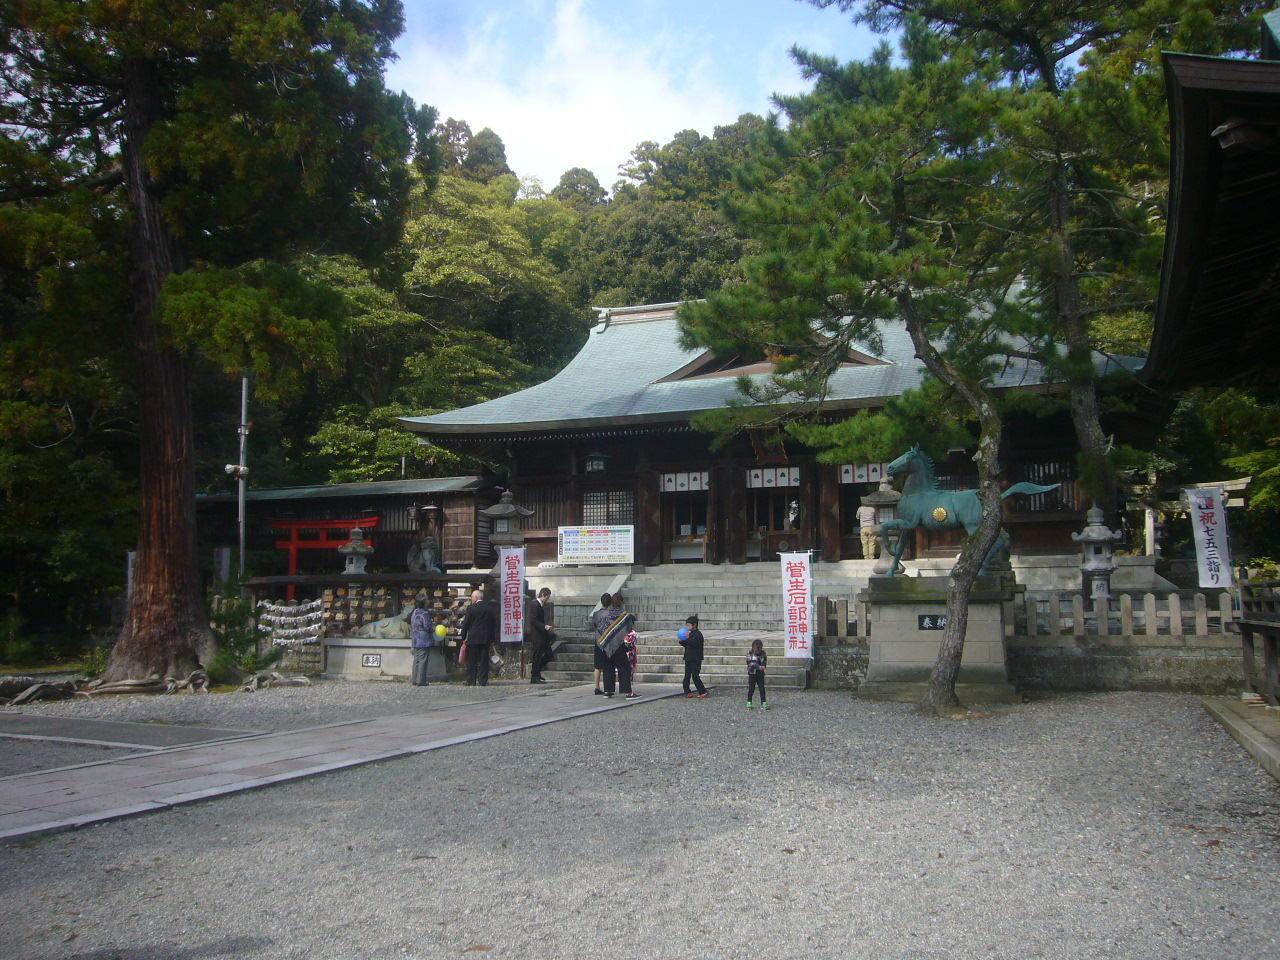 菅生石部神社 H28.11.06